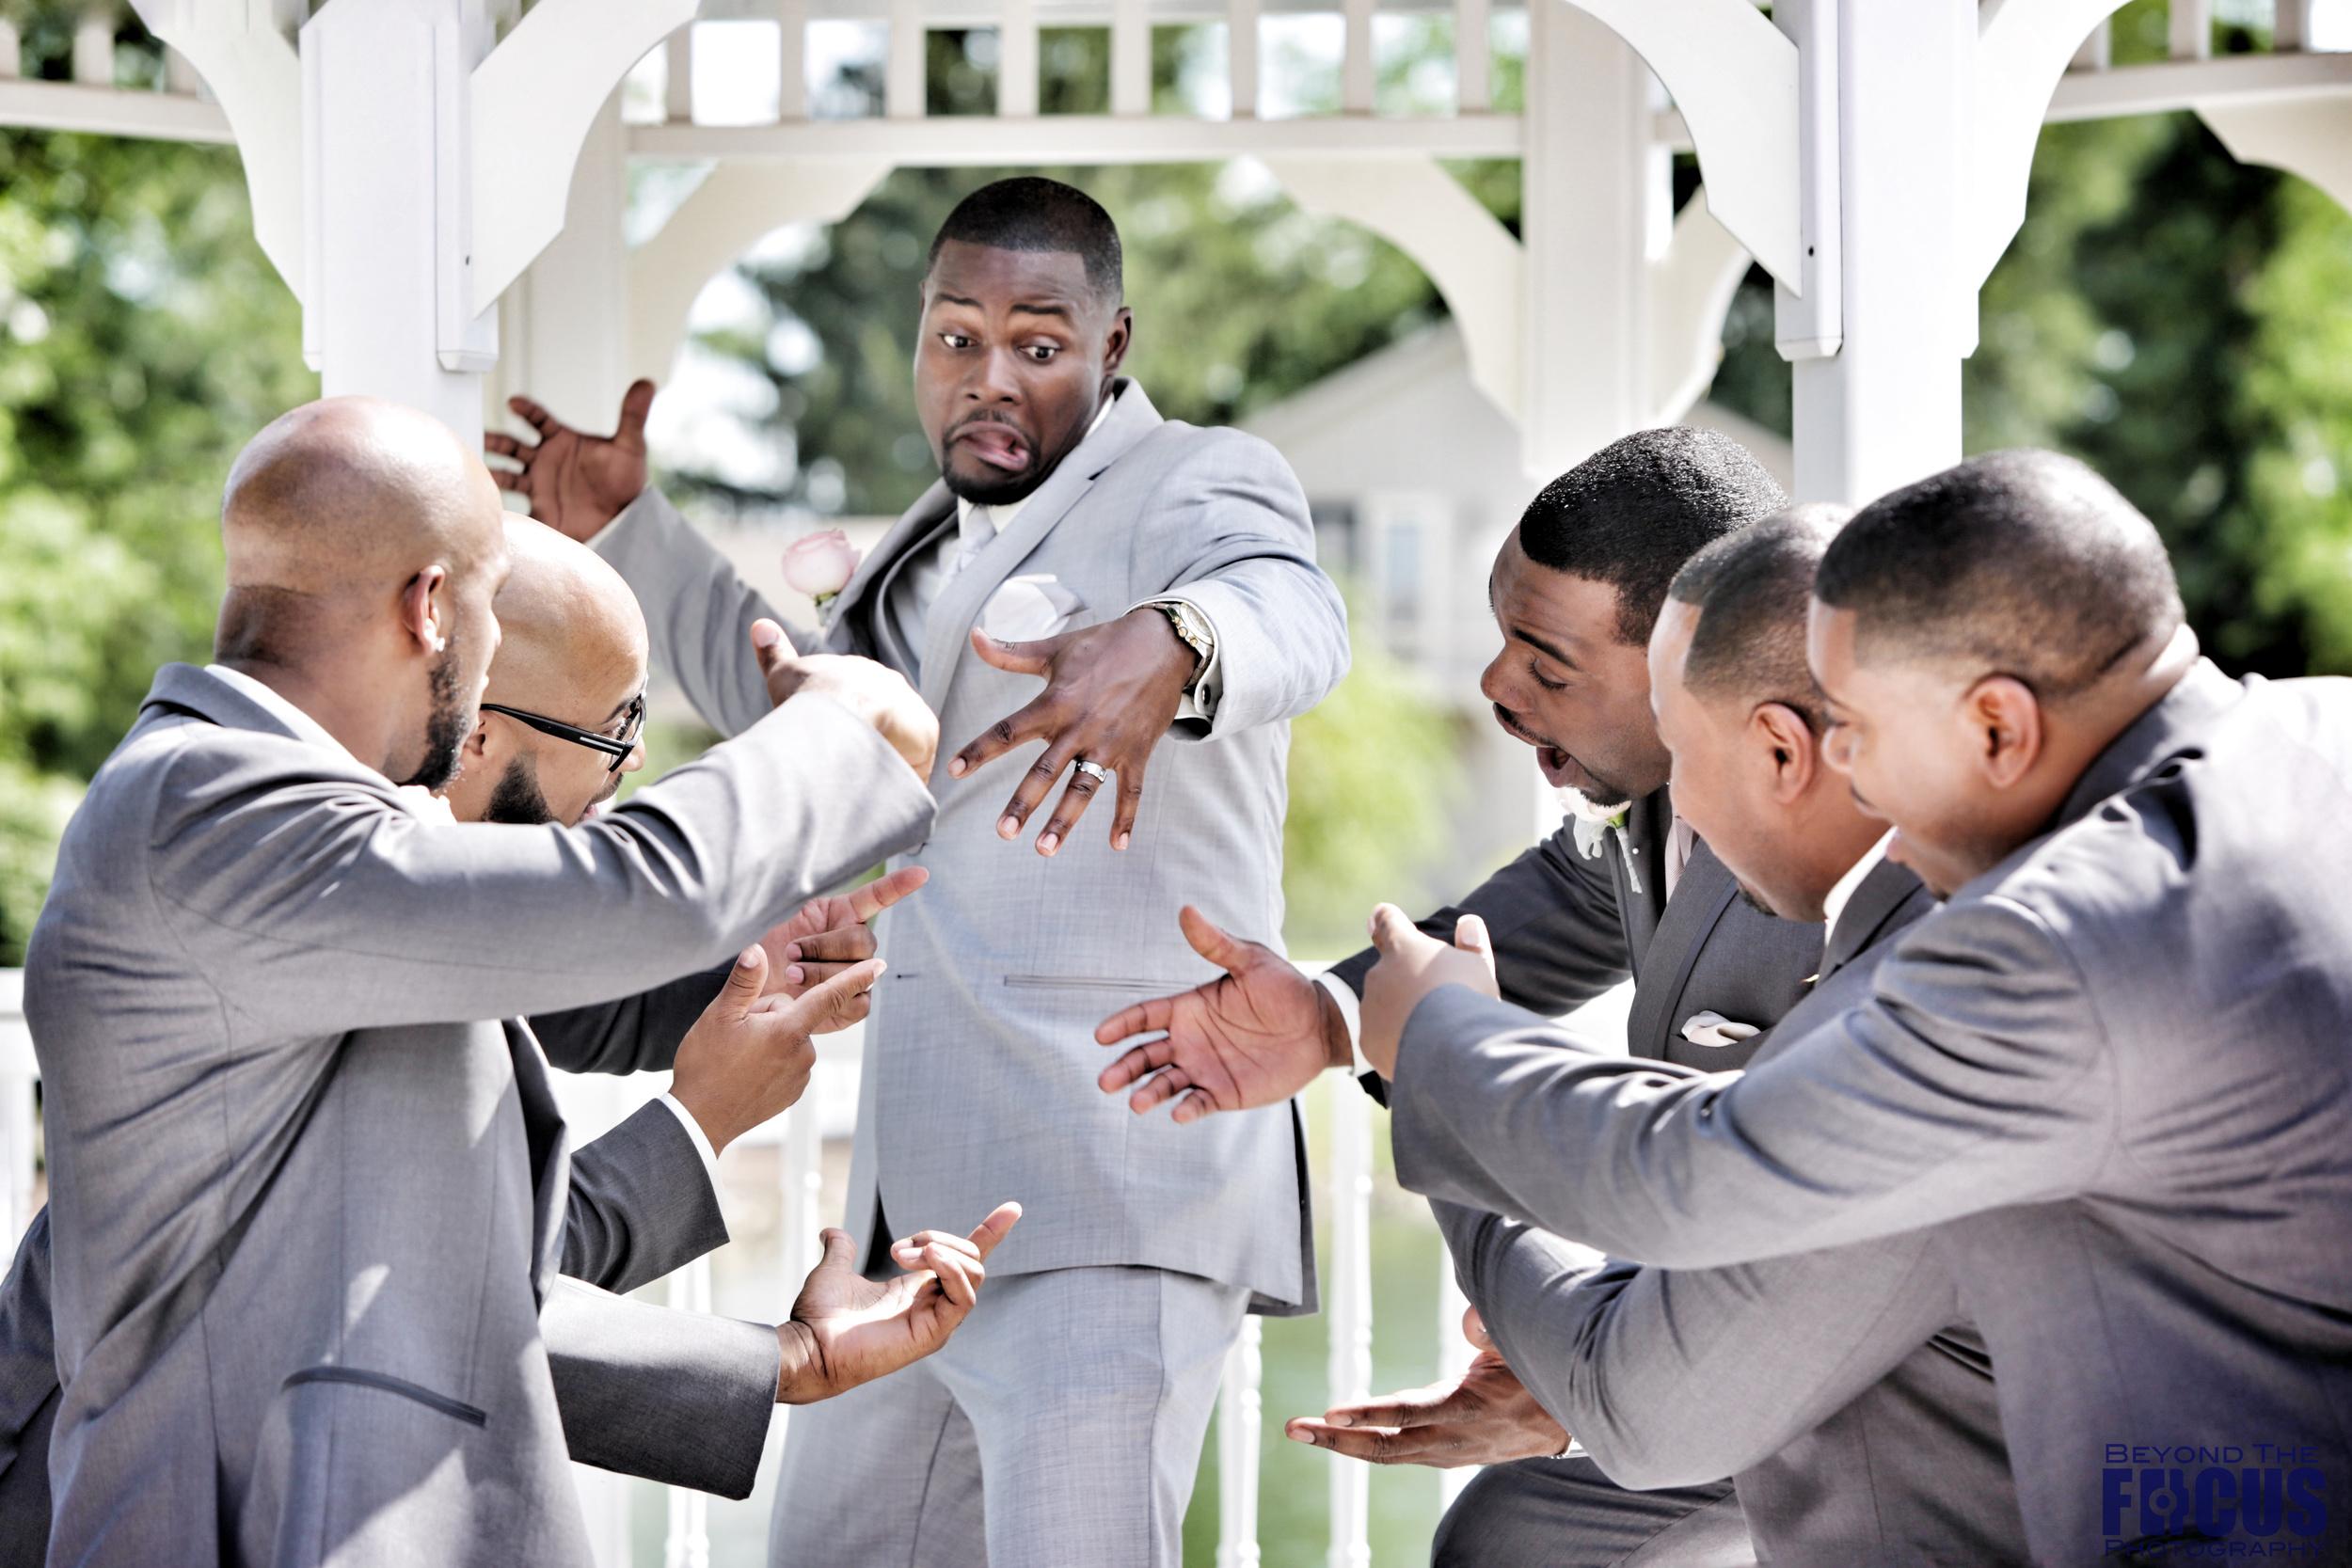 Palmer Wedding - Wedding Party6.jpg